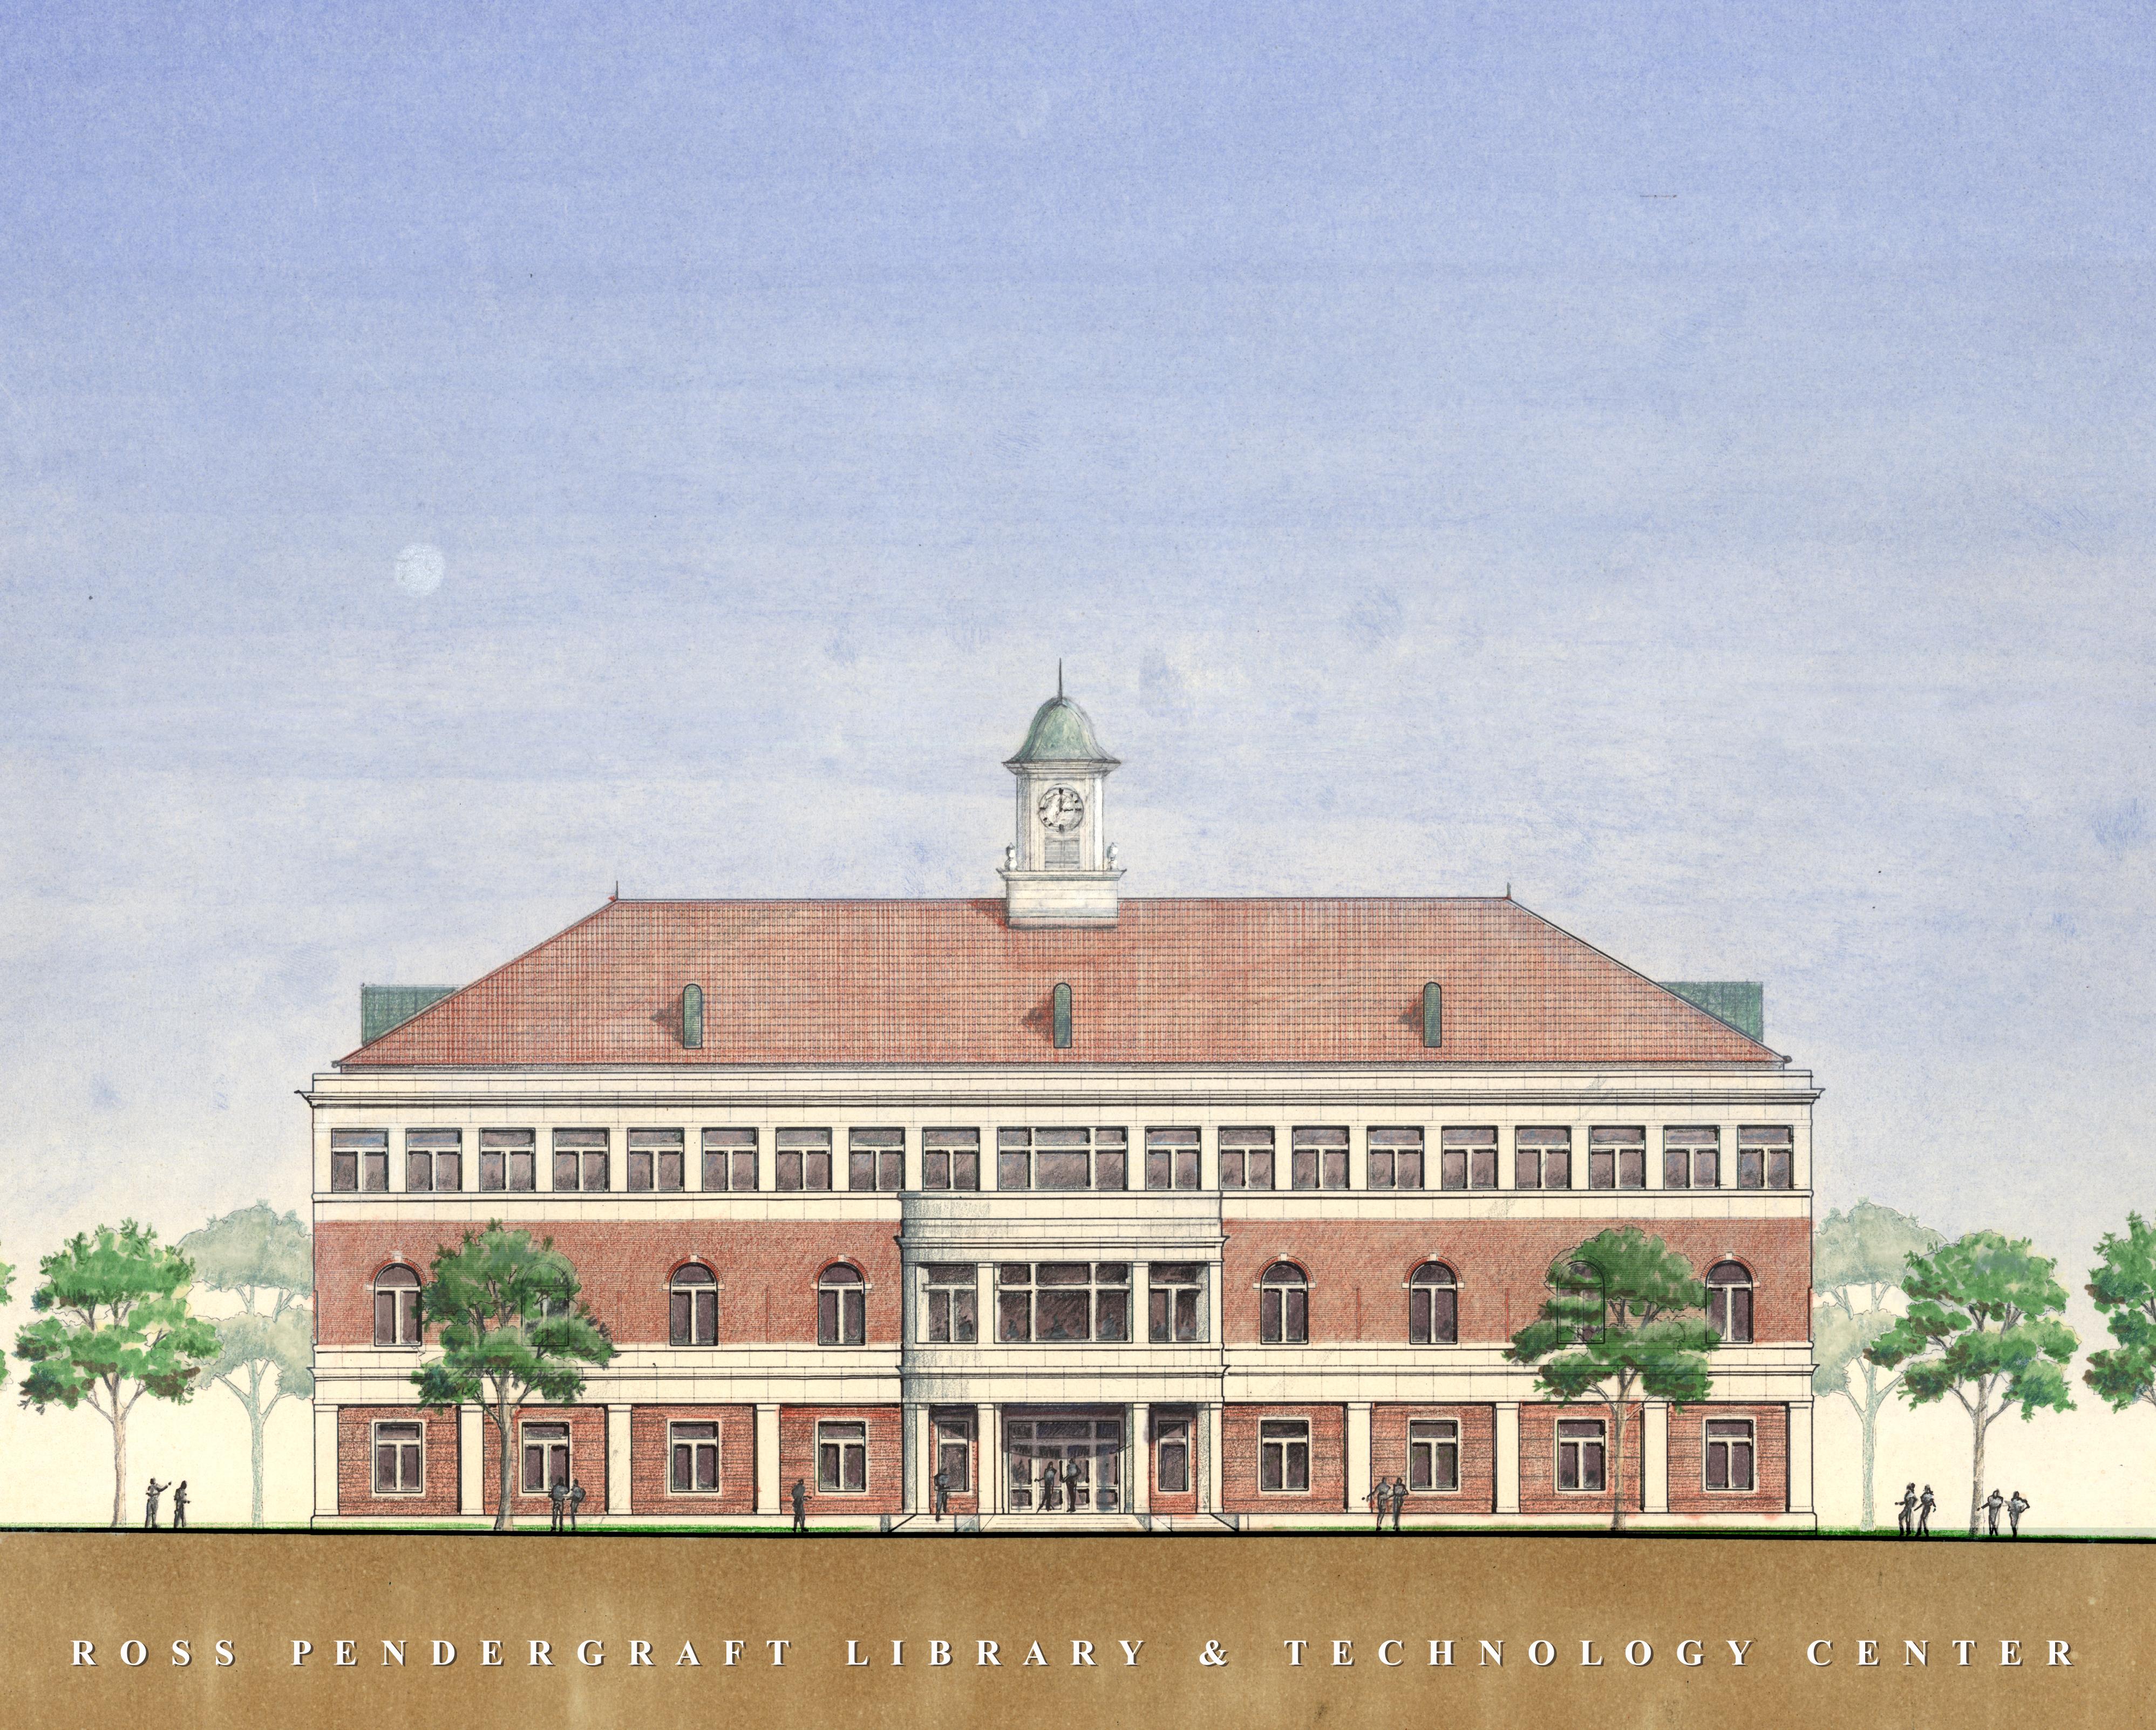 Ross Pendergraft Library